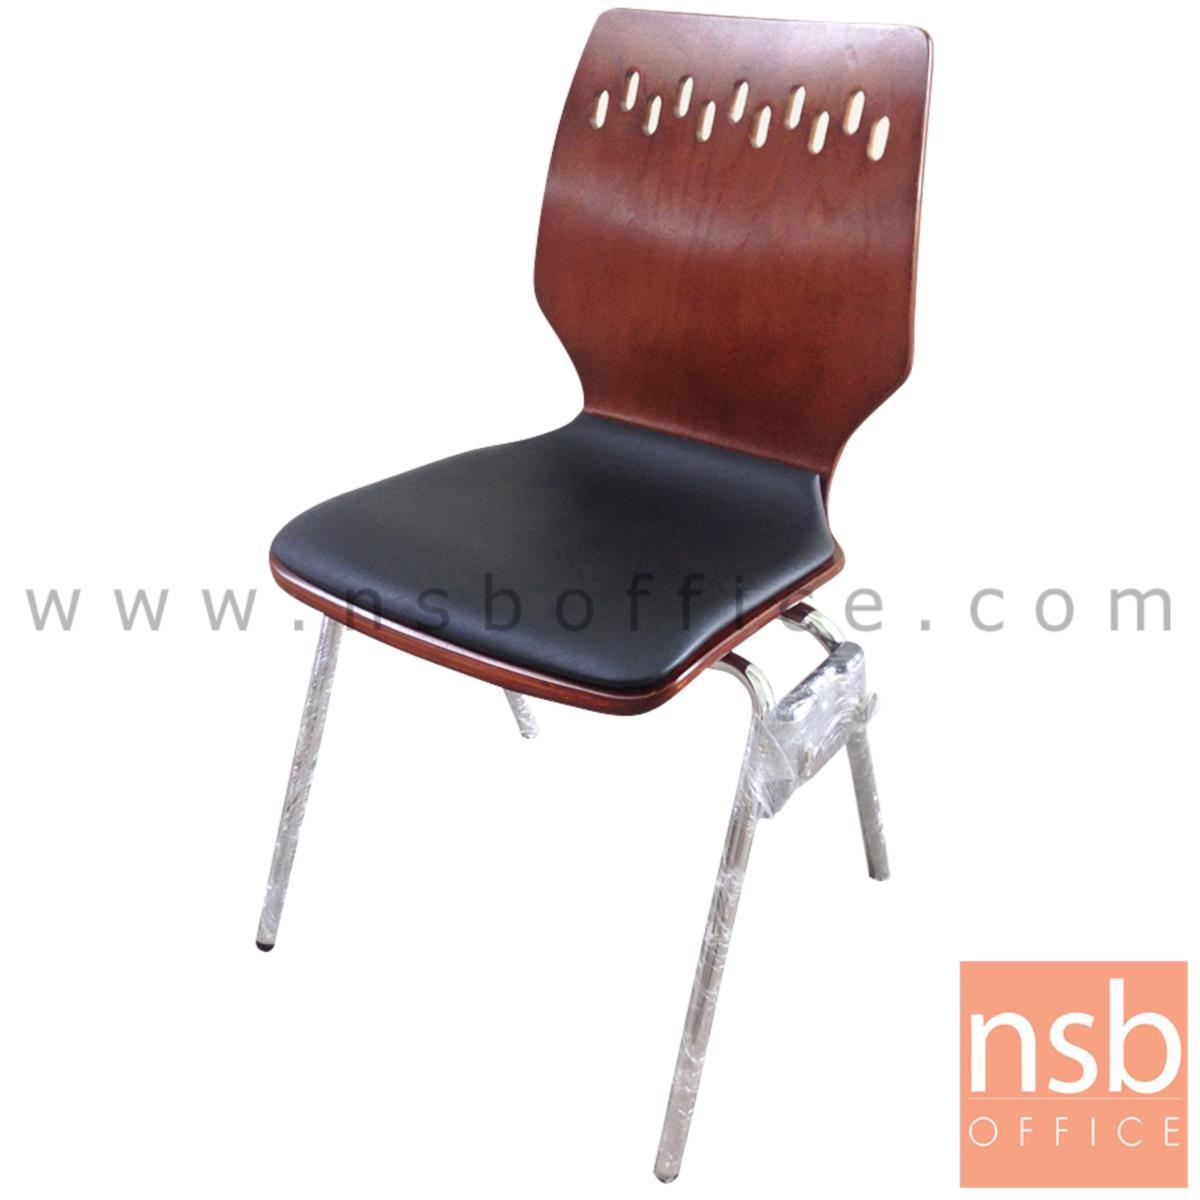 B20A064:เก้าอี้อเนกประสงค์ไม้วีเนียร์ดัด รุ่น Sinister (ซินนิสเตอร์)  ขาเหล็กชุบโครเมี่ยม